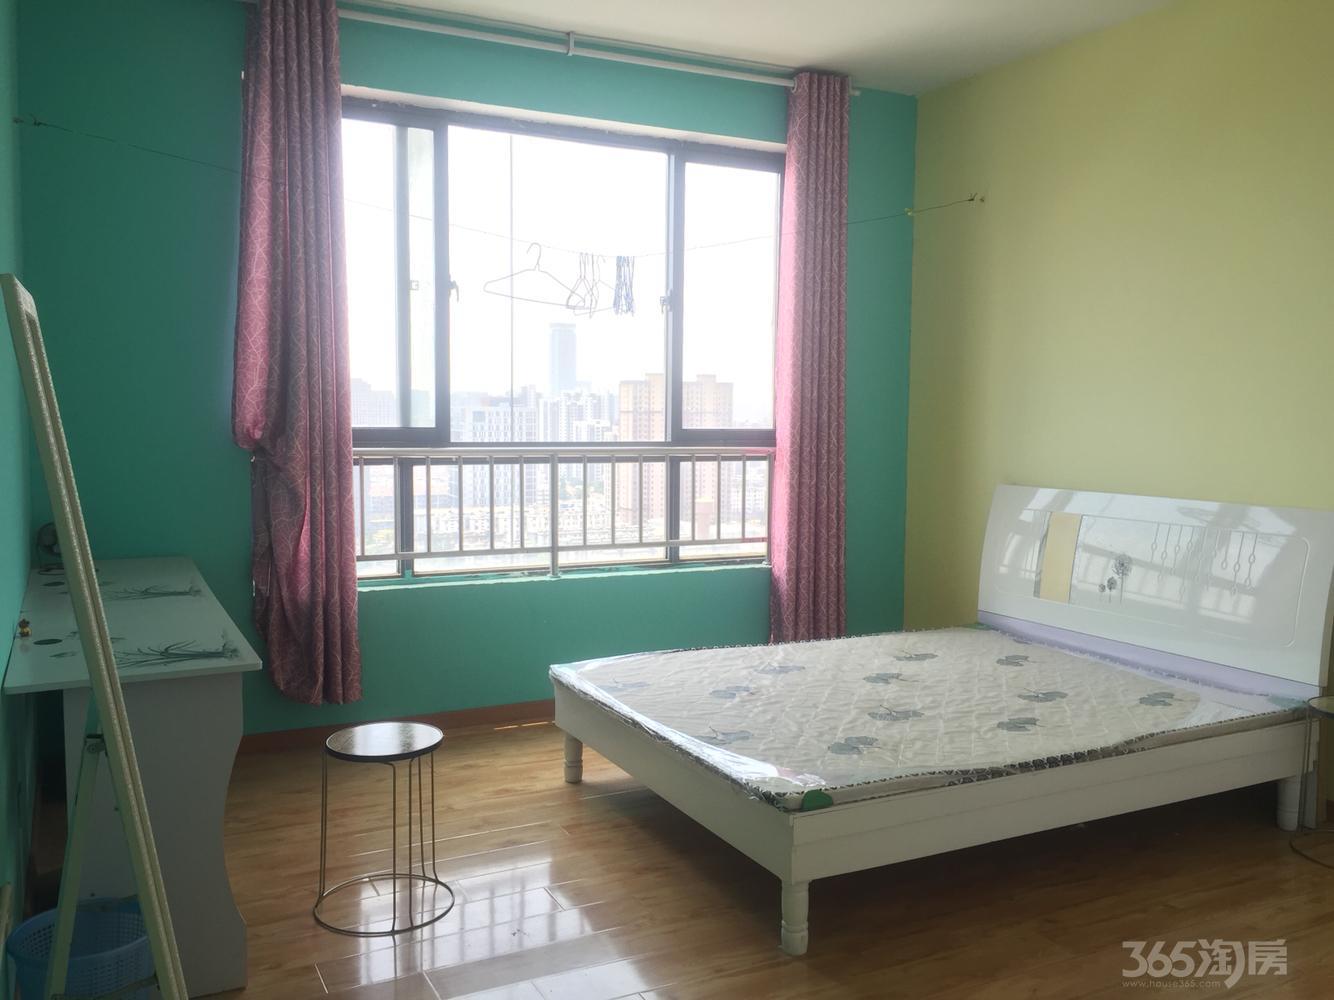 银杏苑3室2厅2卫34平米合租精装